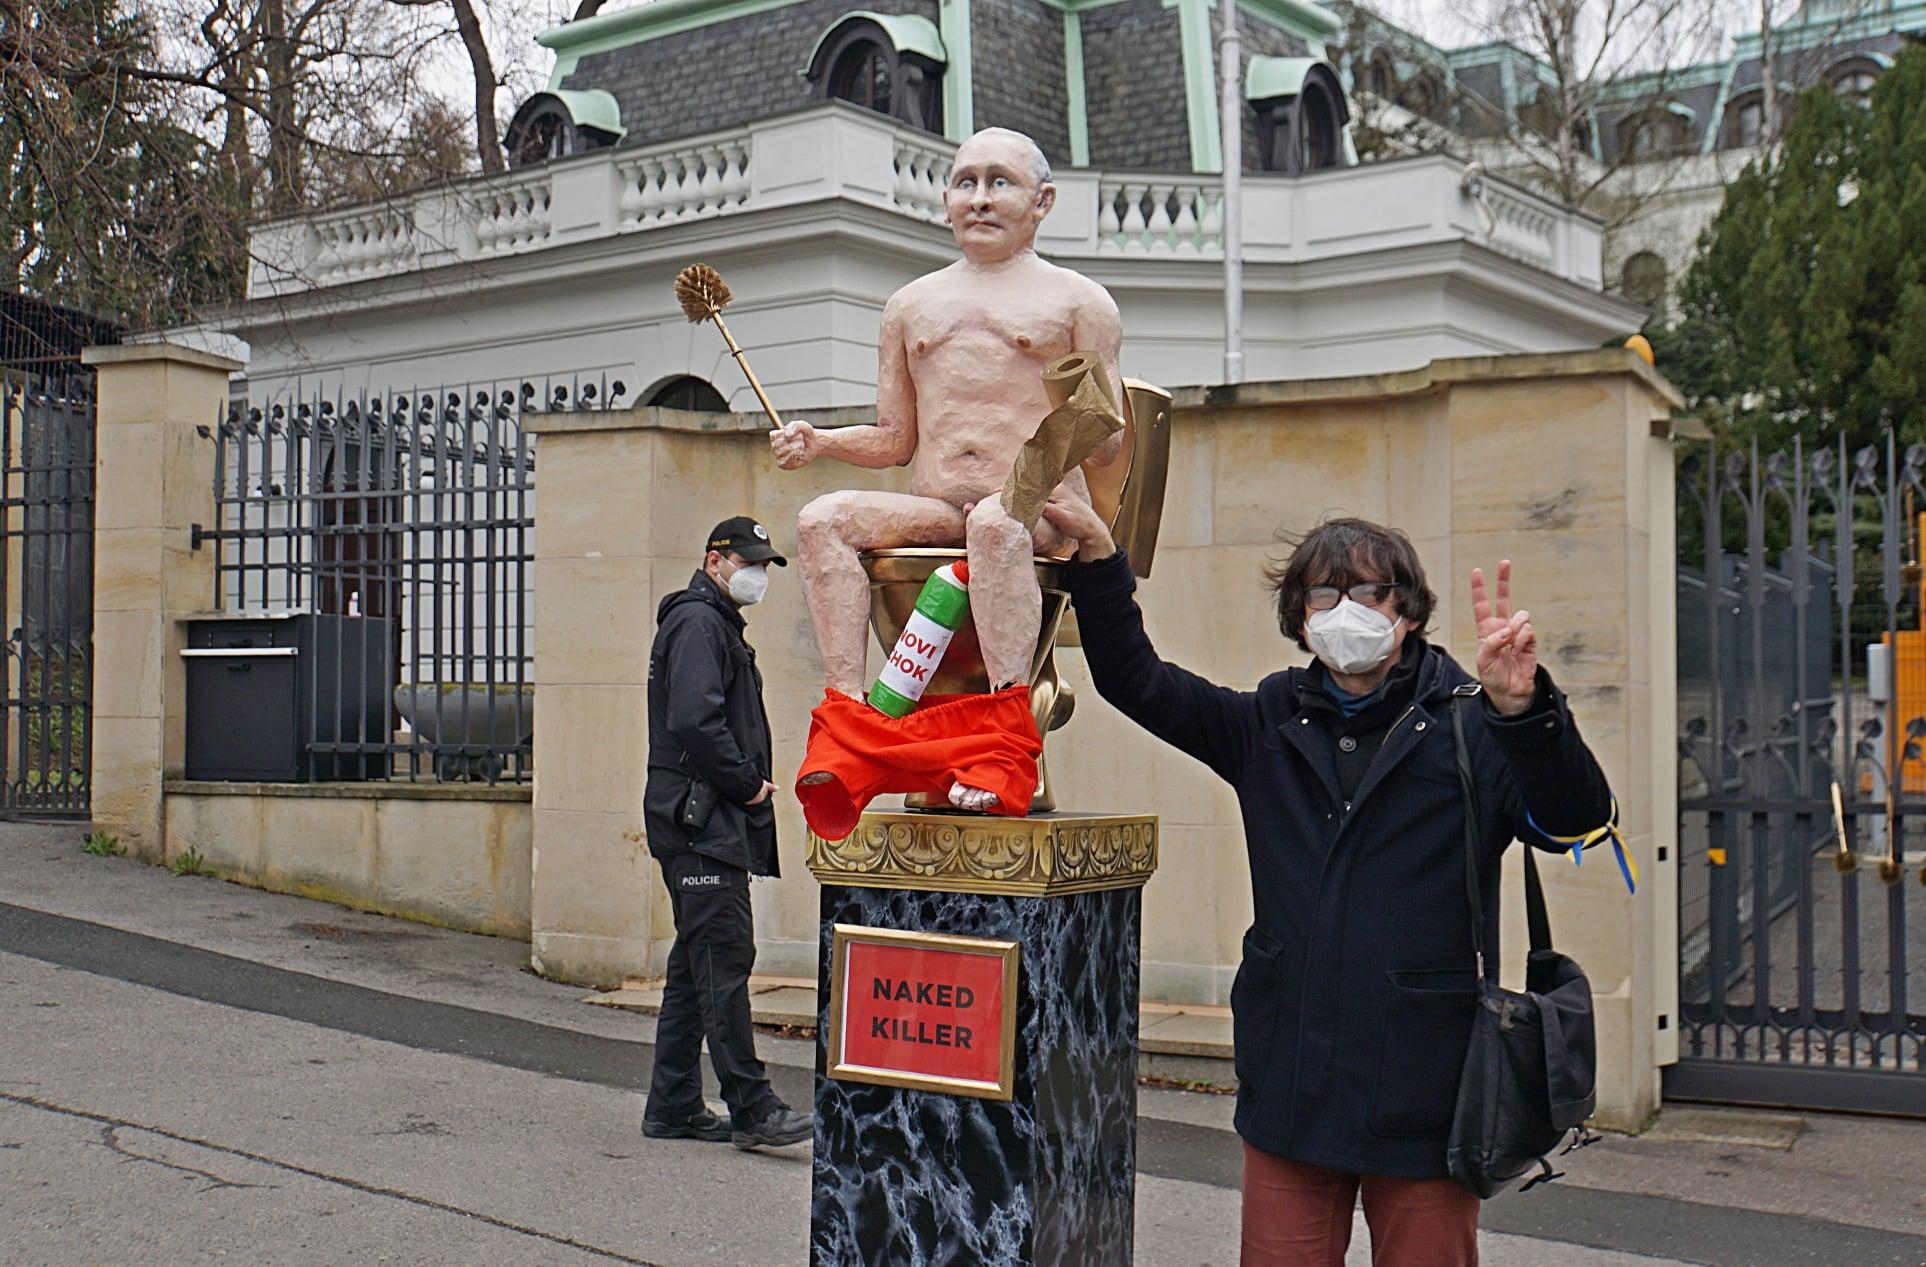 В Чехии установили статую голого Путина: где и зачем (ФОТО, ВИДЕО) - фото 5